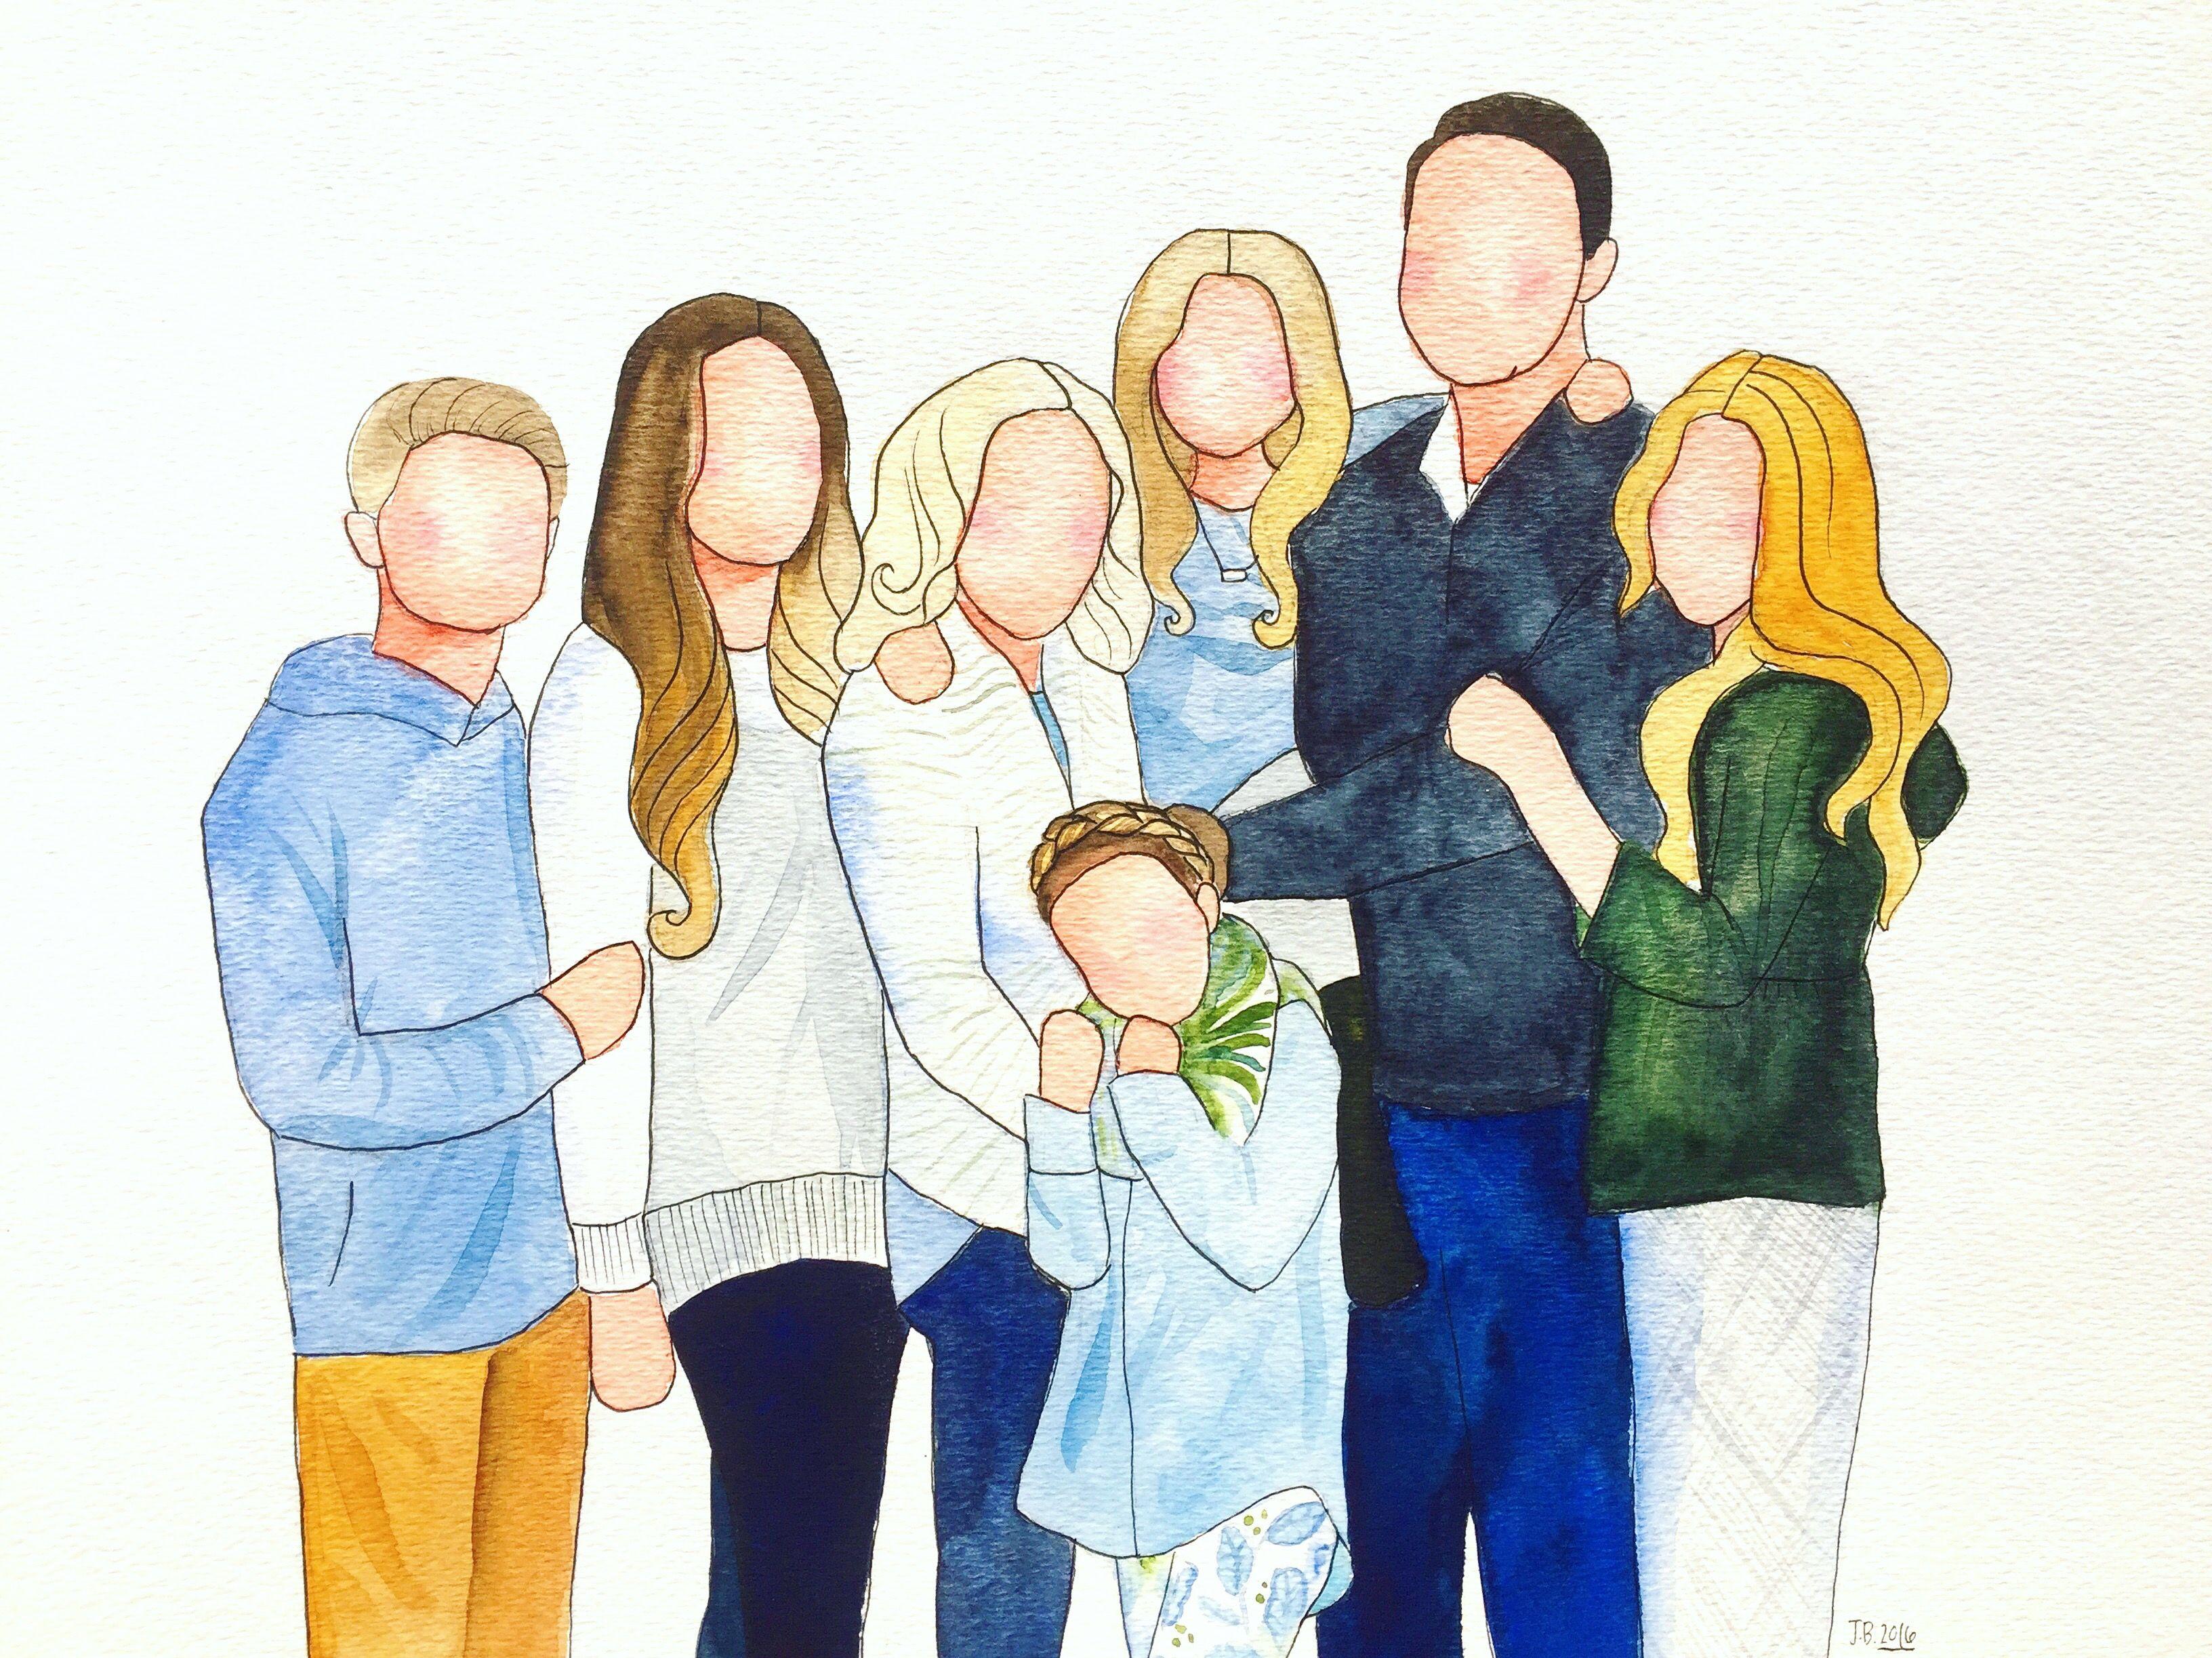 рисунок своей семьи картинки категории бодибилдингу раздела